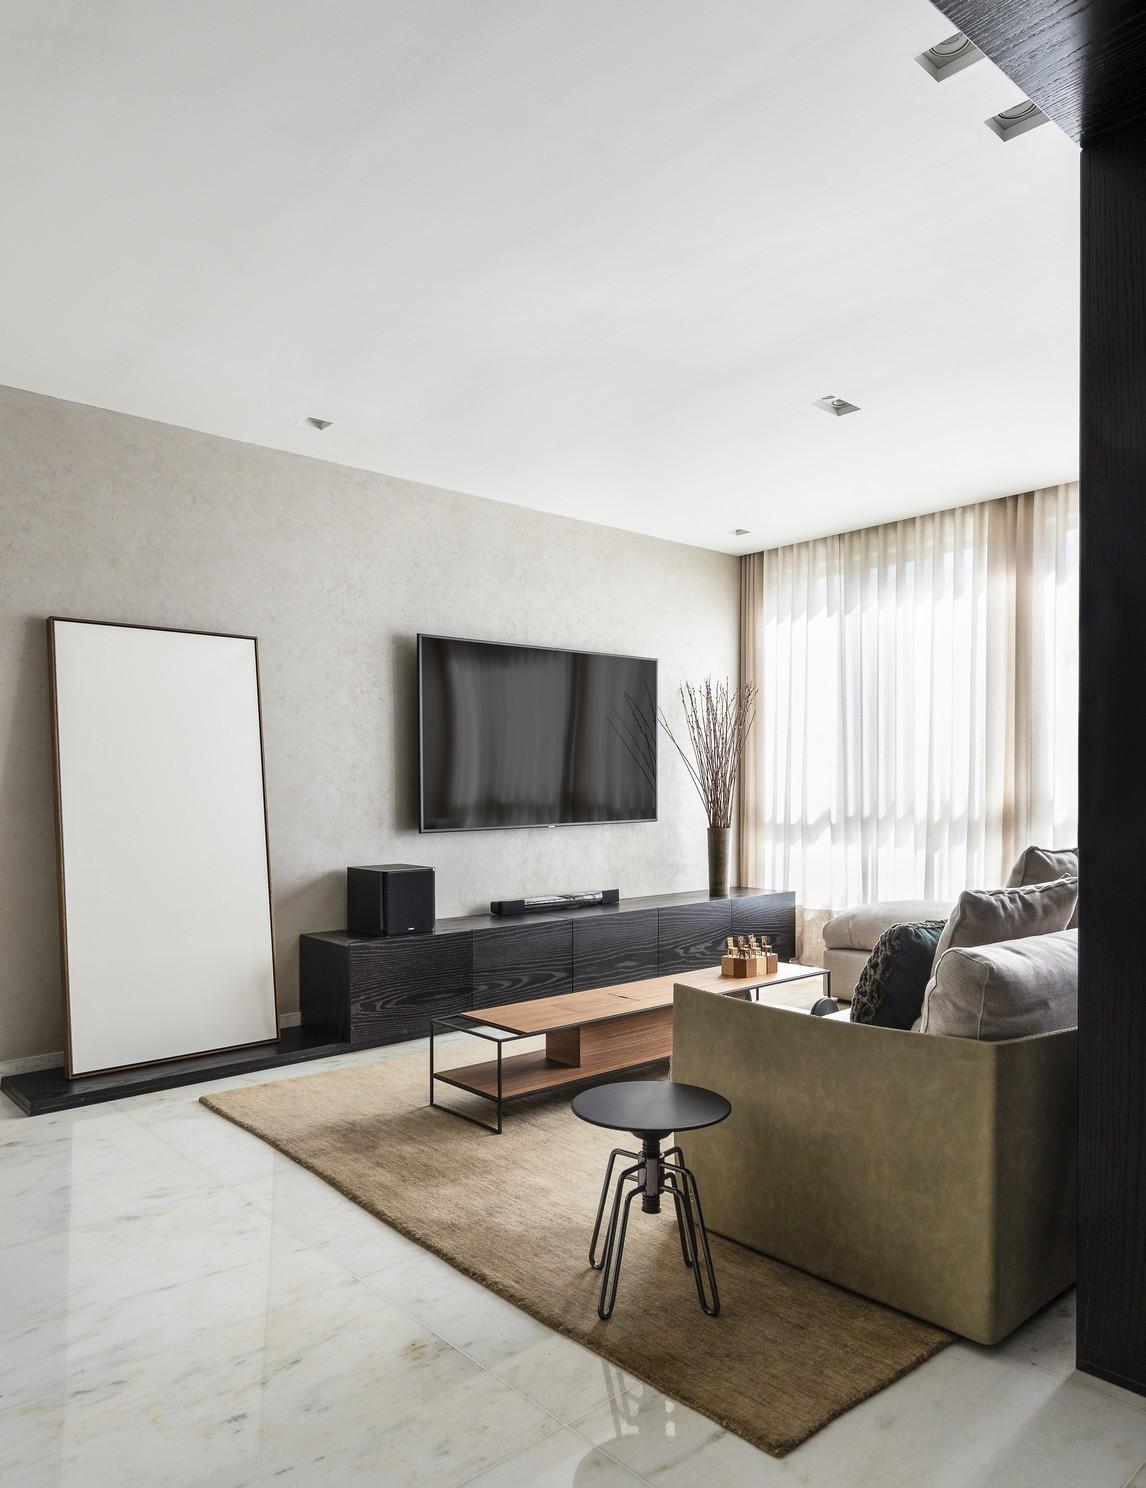 Décor do dia: sala de estar com estilo contemporâneo e paleta neutra (Foto: Ivan Araújo)